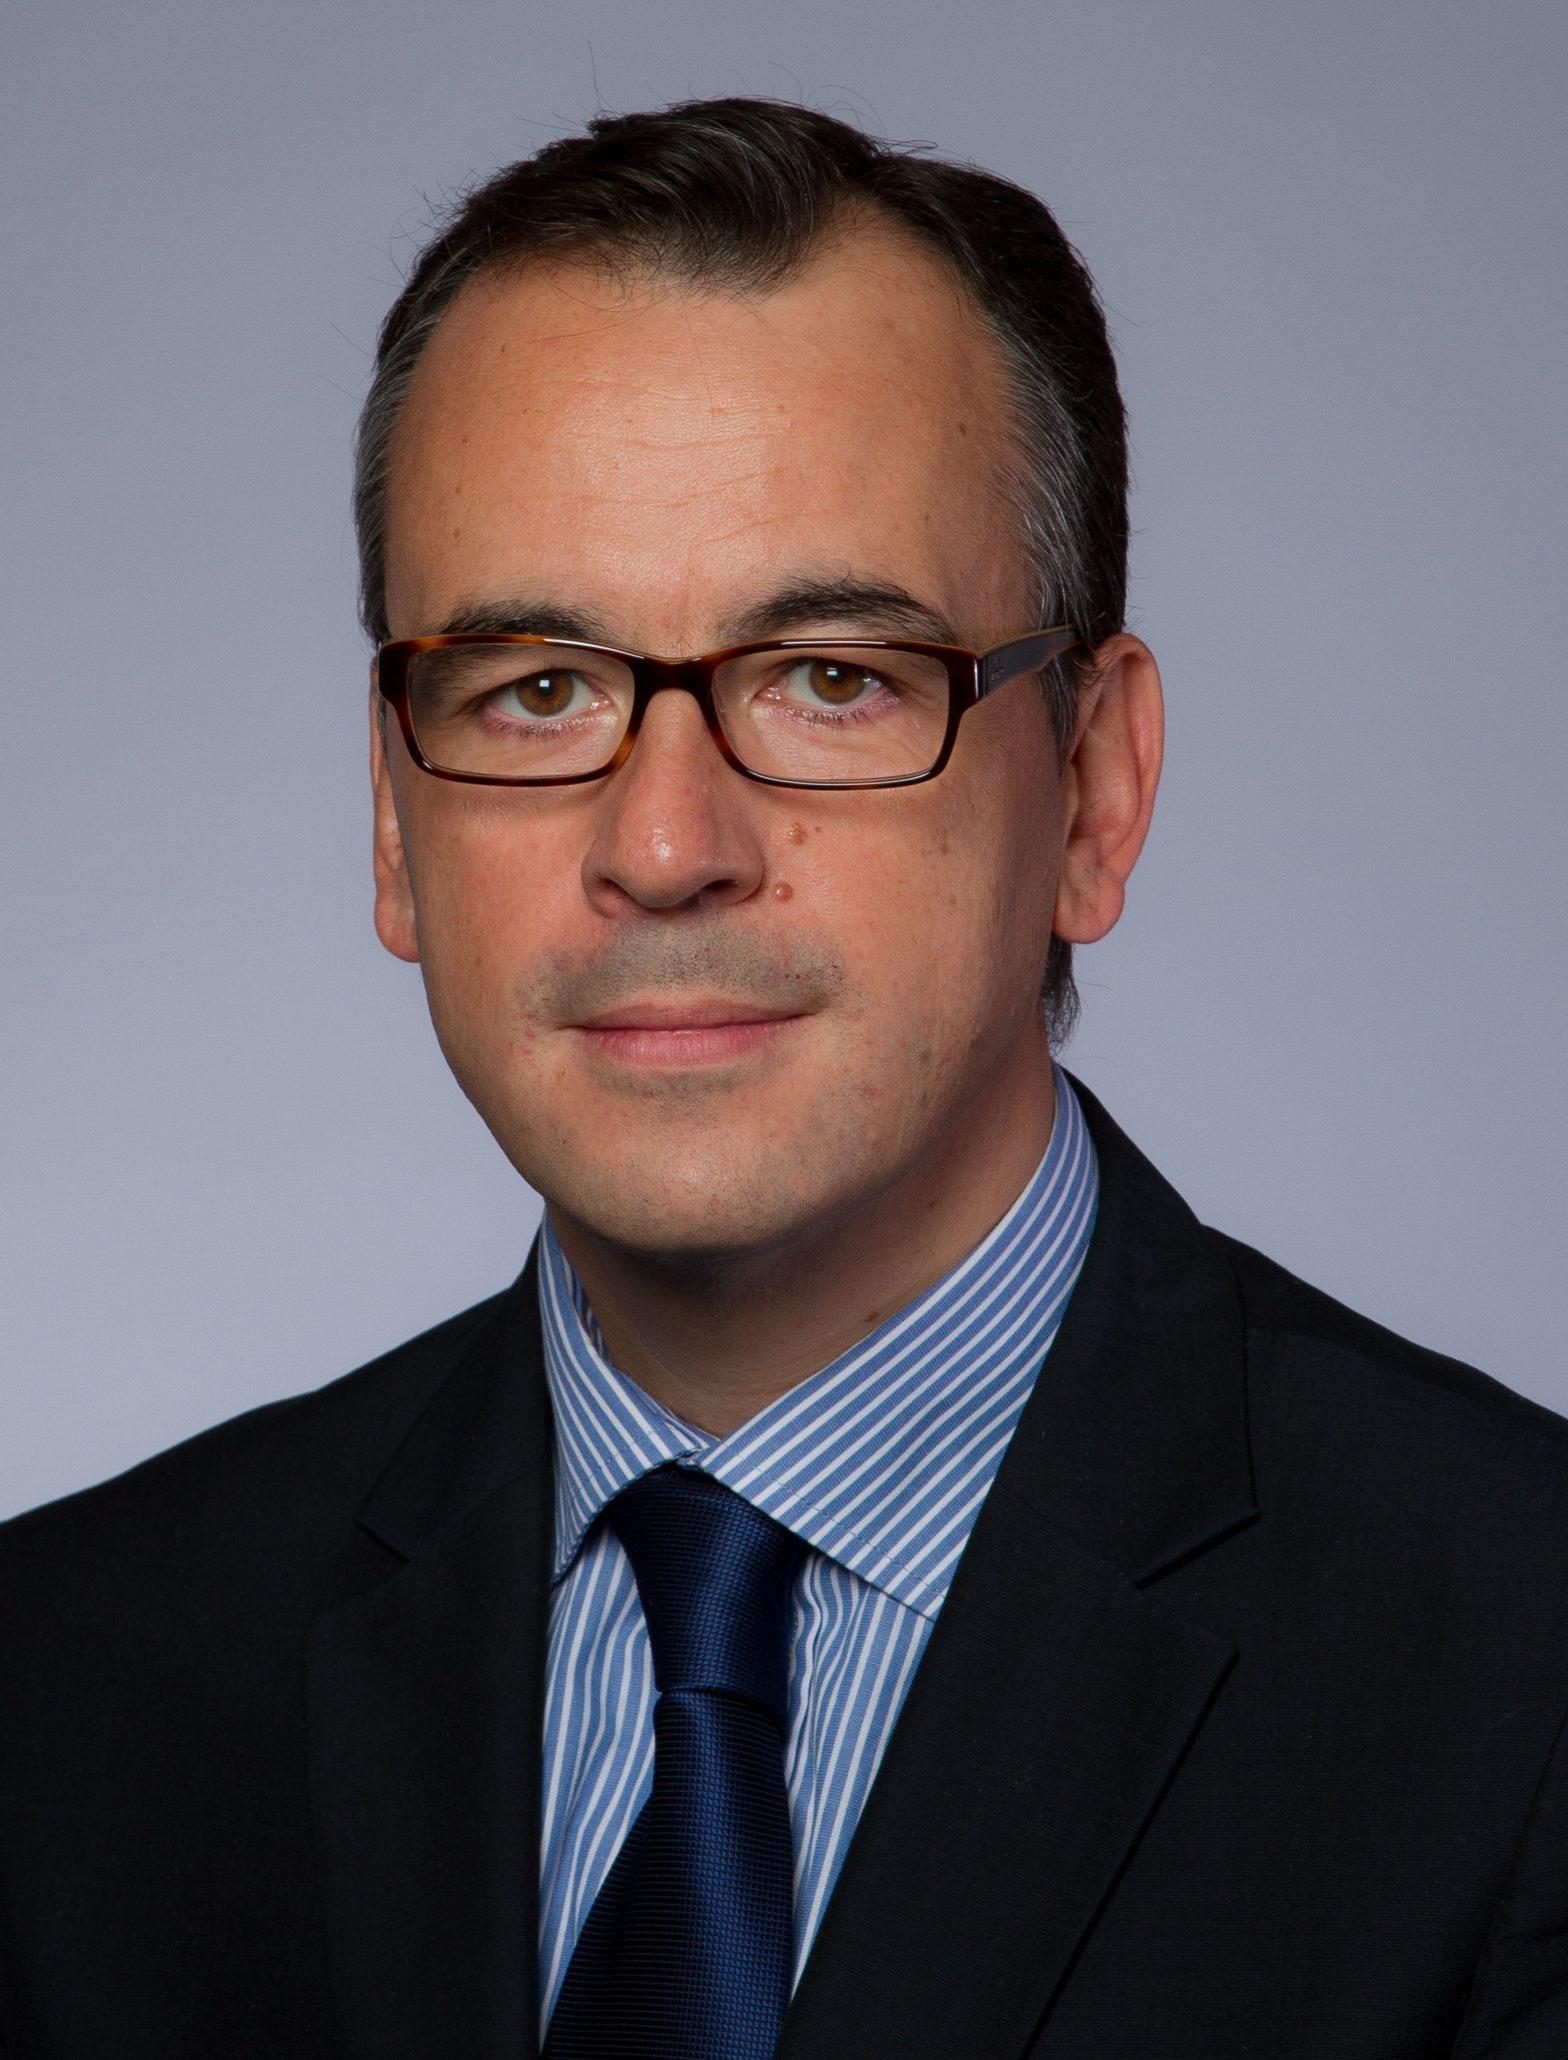 Ronan Guellec